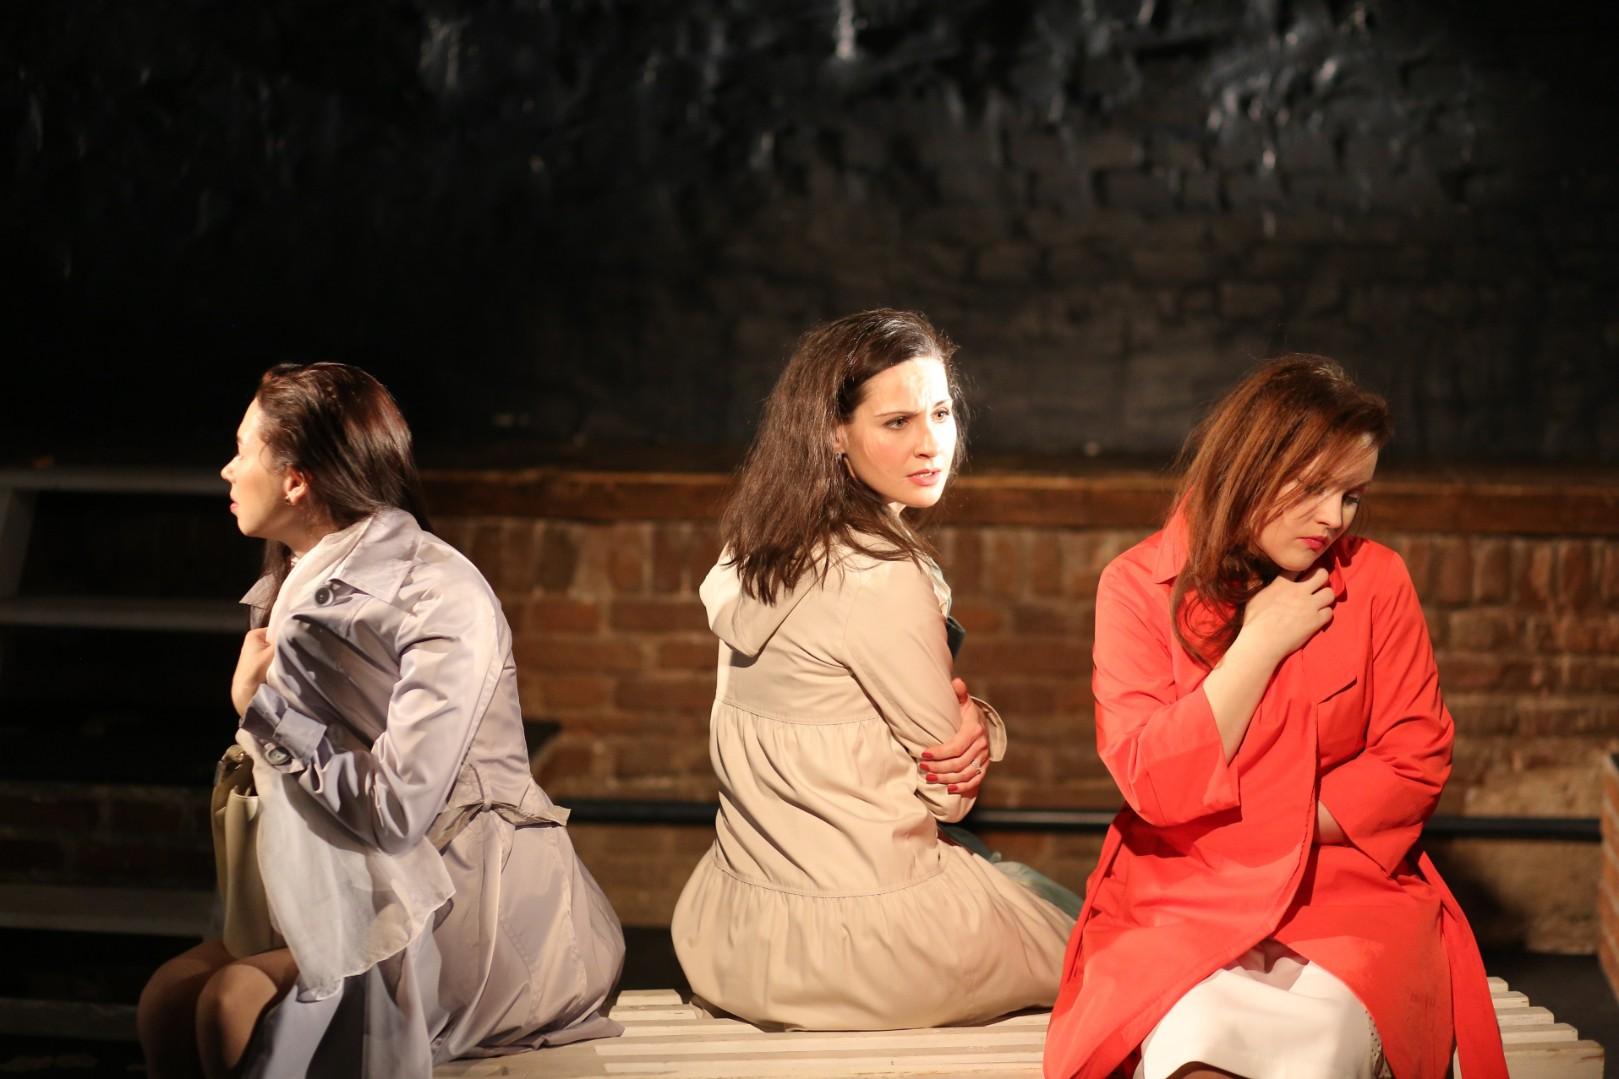 В Тверском ТЮЗе покажут спектакль об ожидании